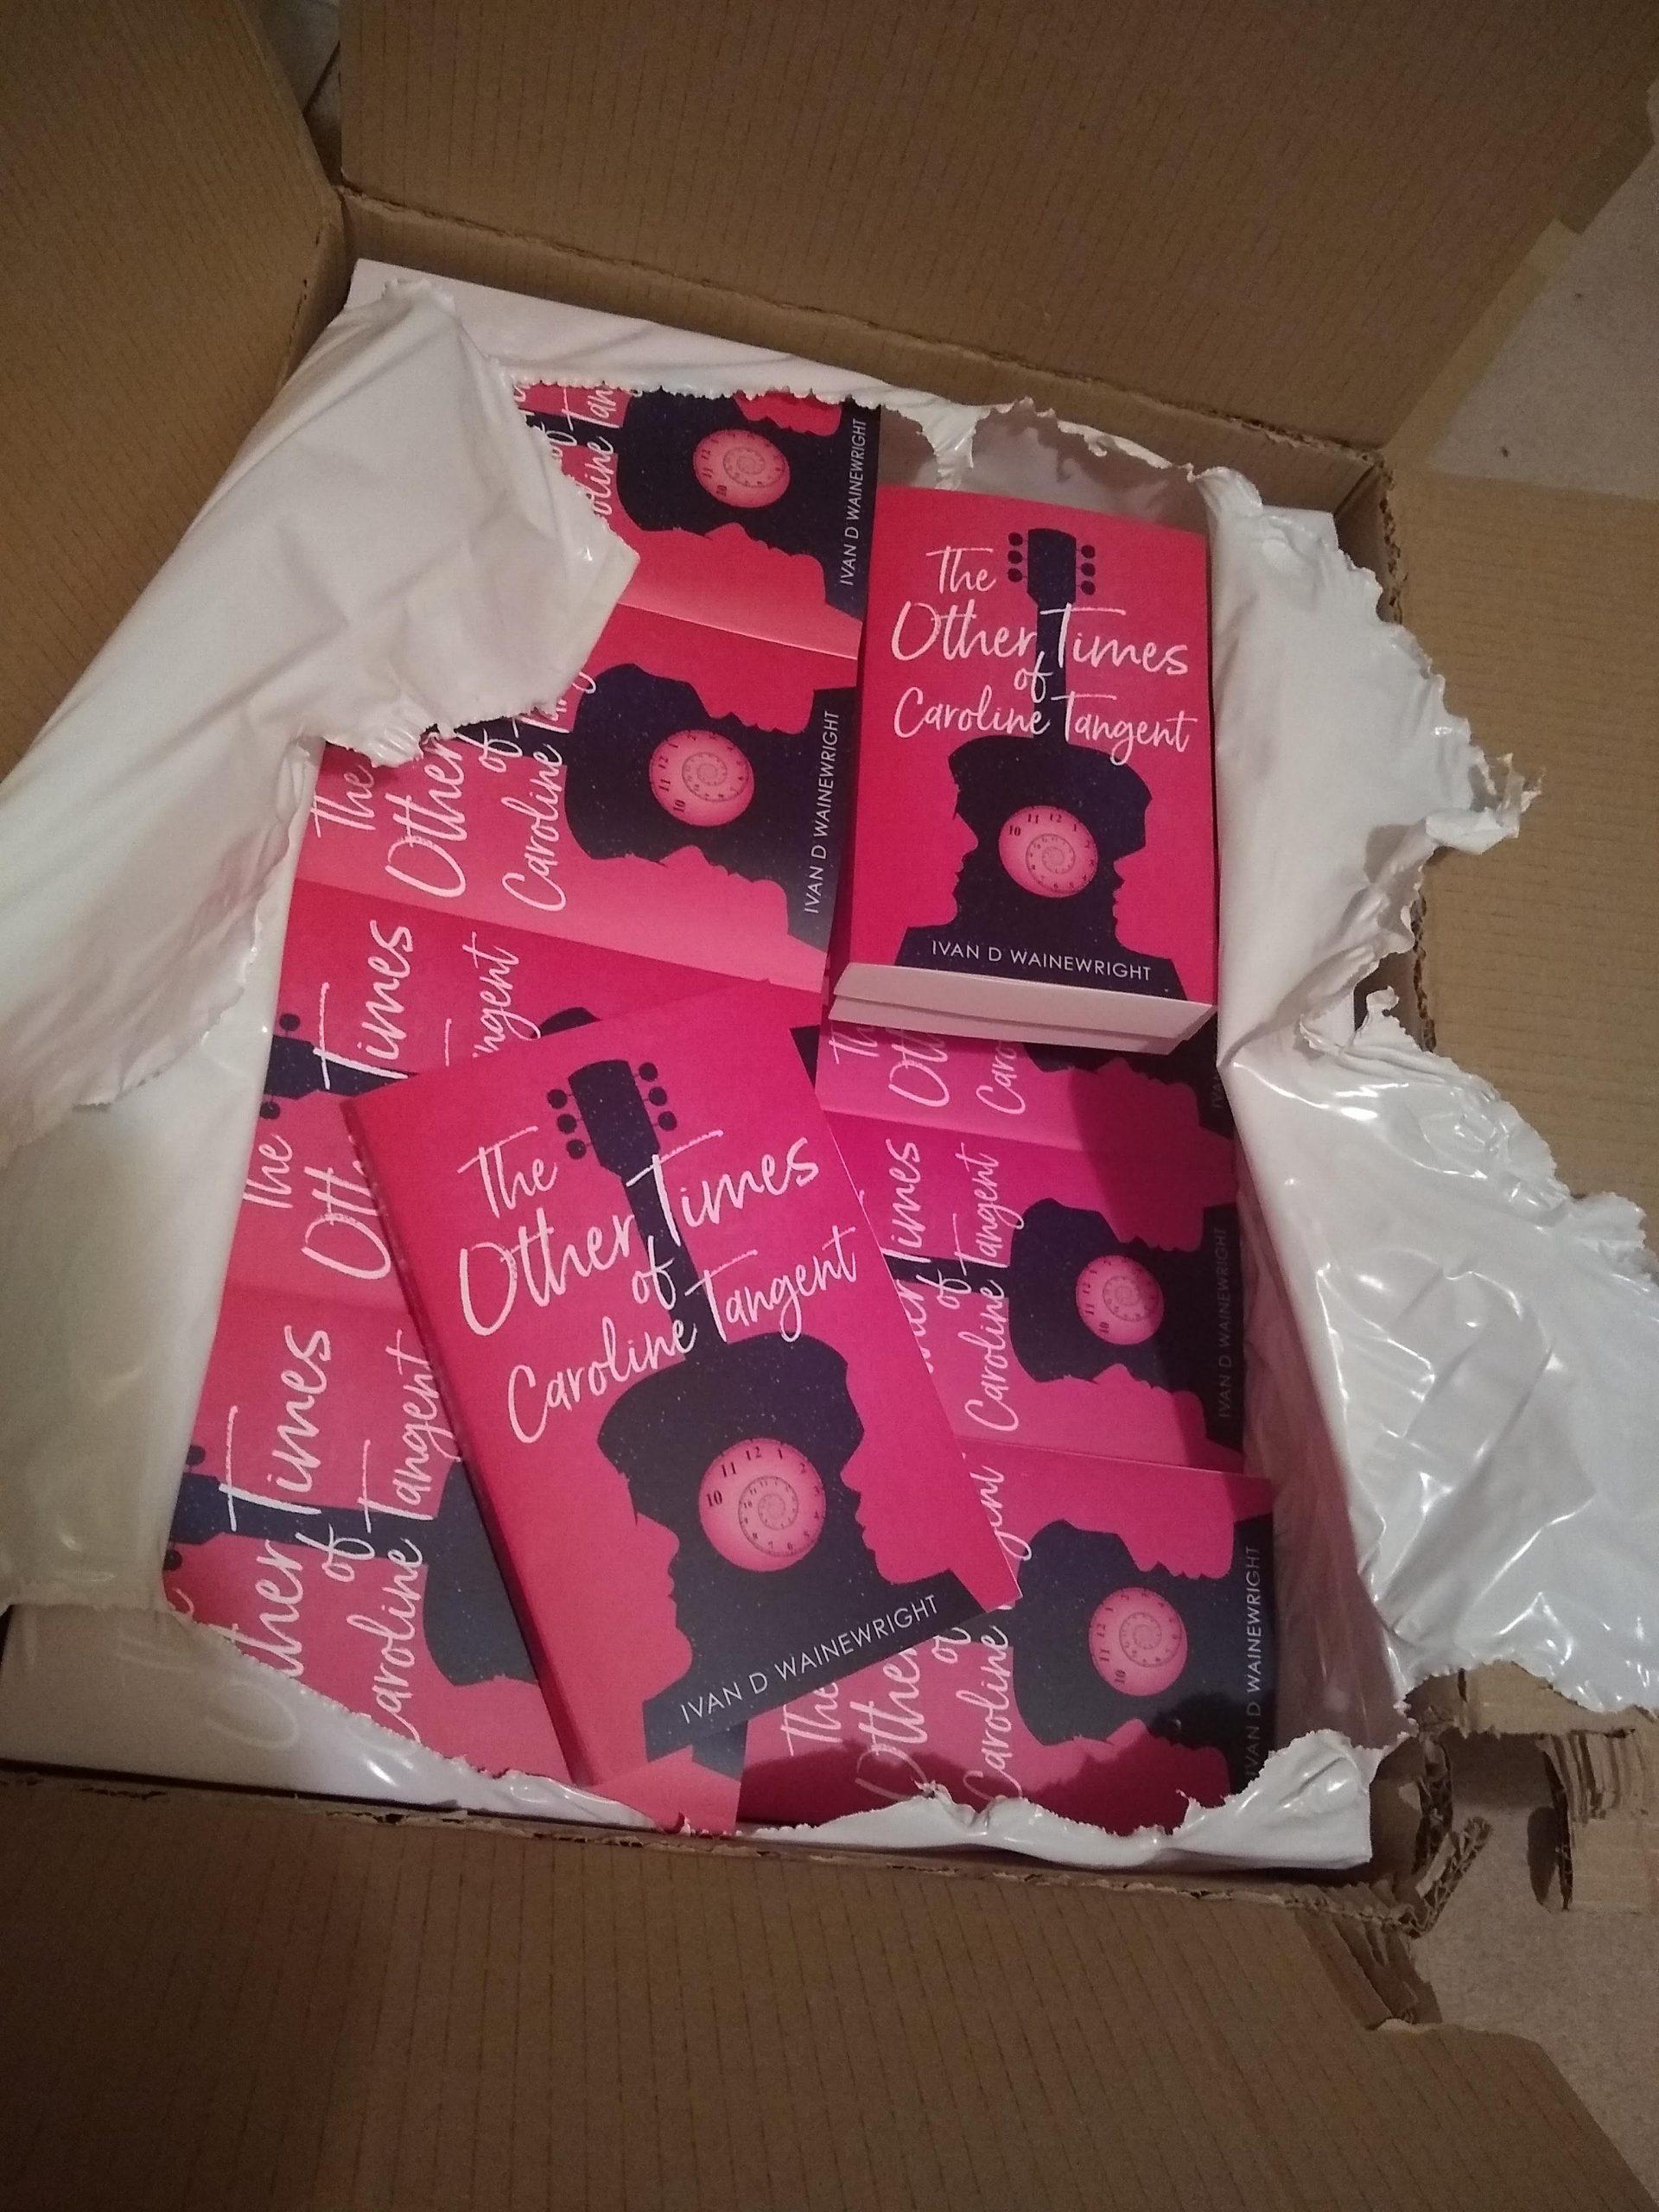 Paperbacks of Caroline Tangent Arrive!